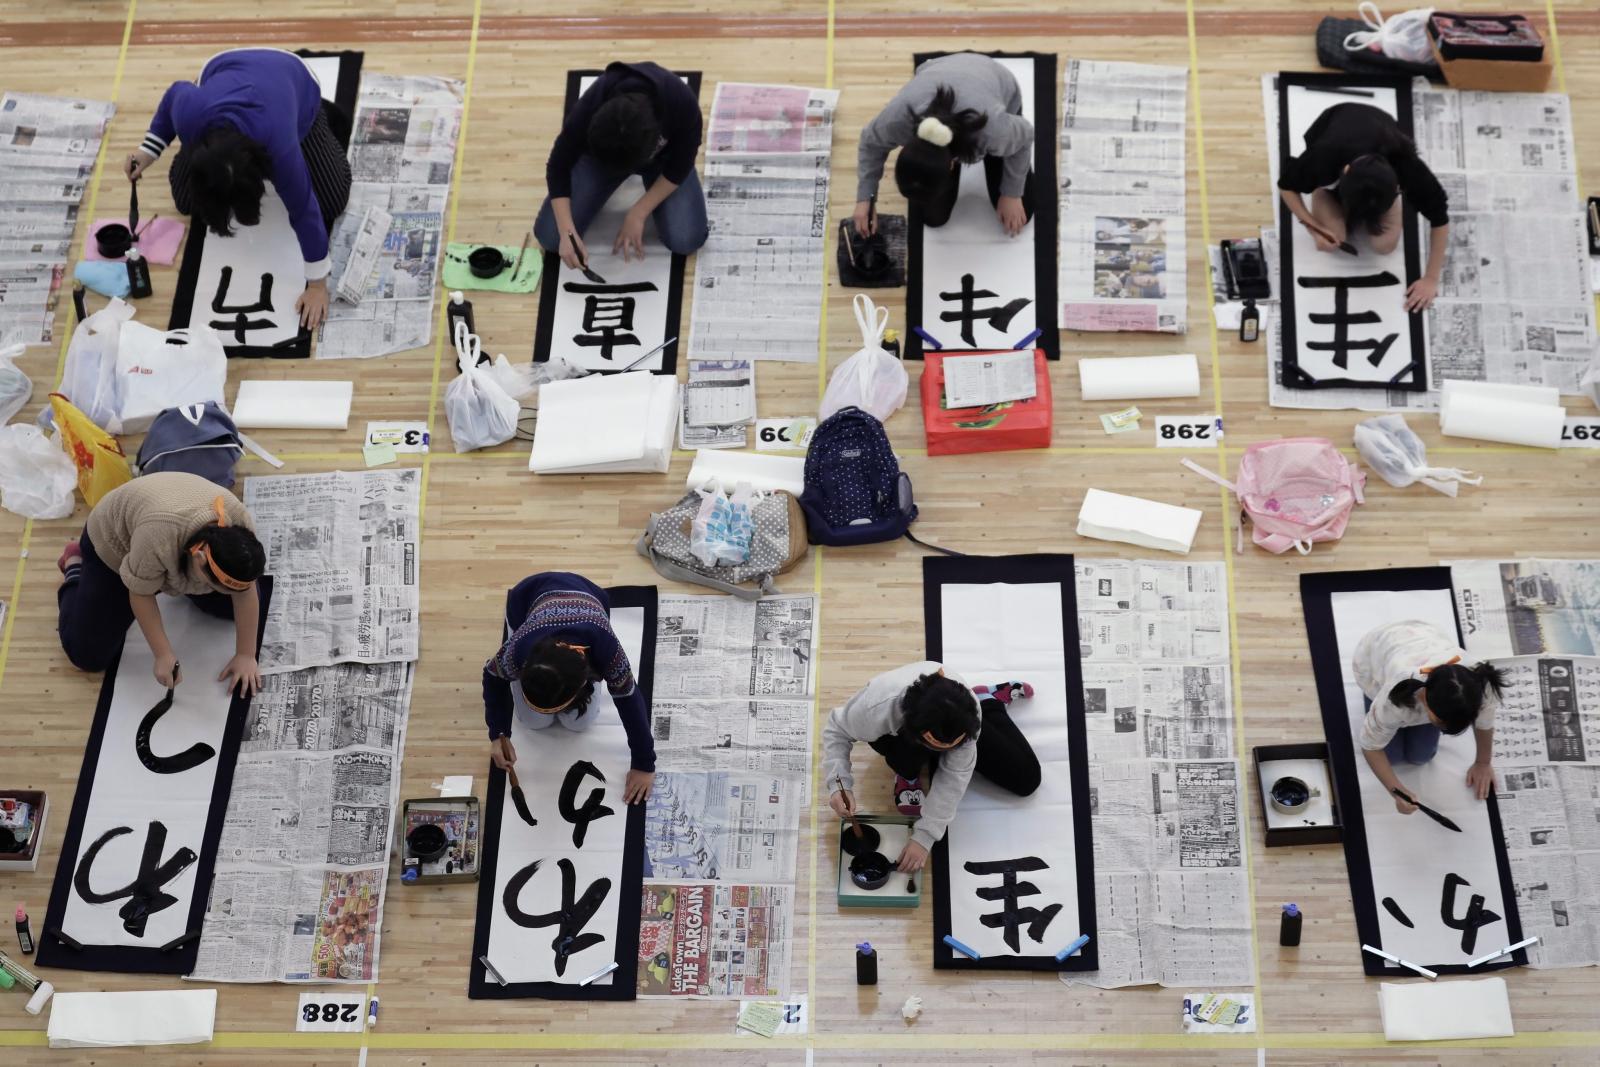 Jak co roku w Tokio w Japonii z okazji Nowego Roku miał miejsce konkurs kaligrafii. Uczestniczyło w nim ok. 3tys. osób. Fot. PAP/EPA/KIYOSHI OTA